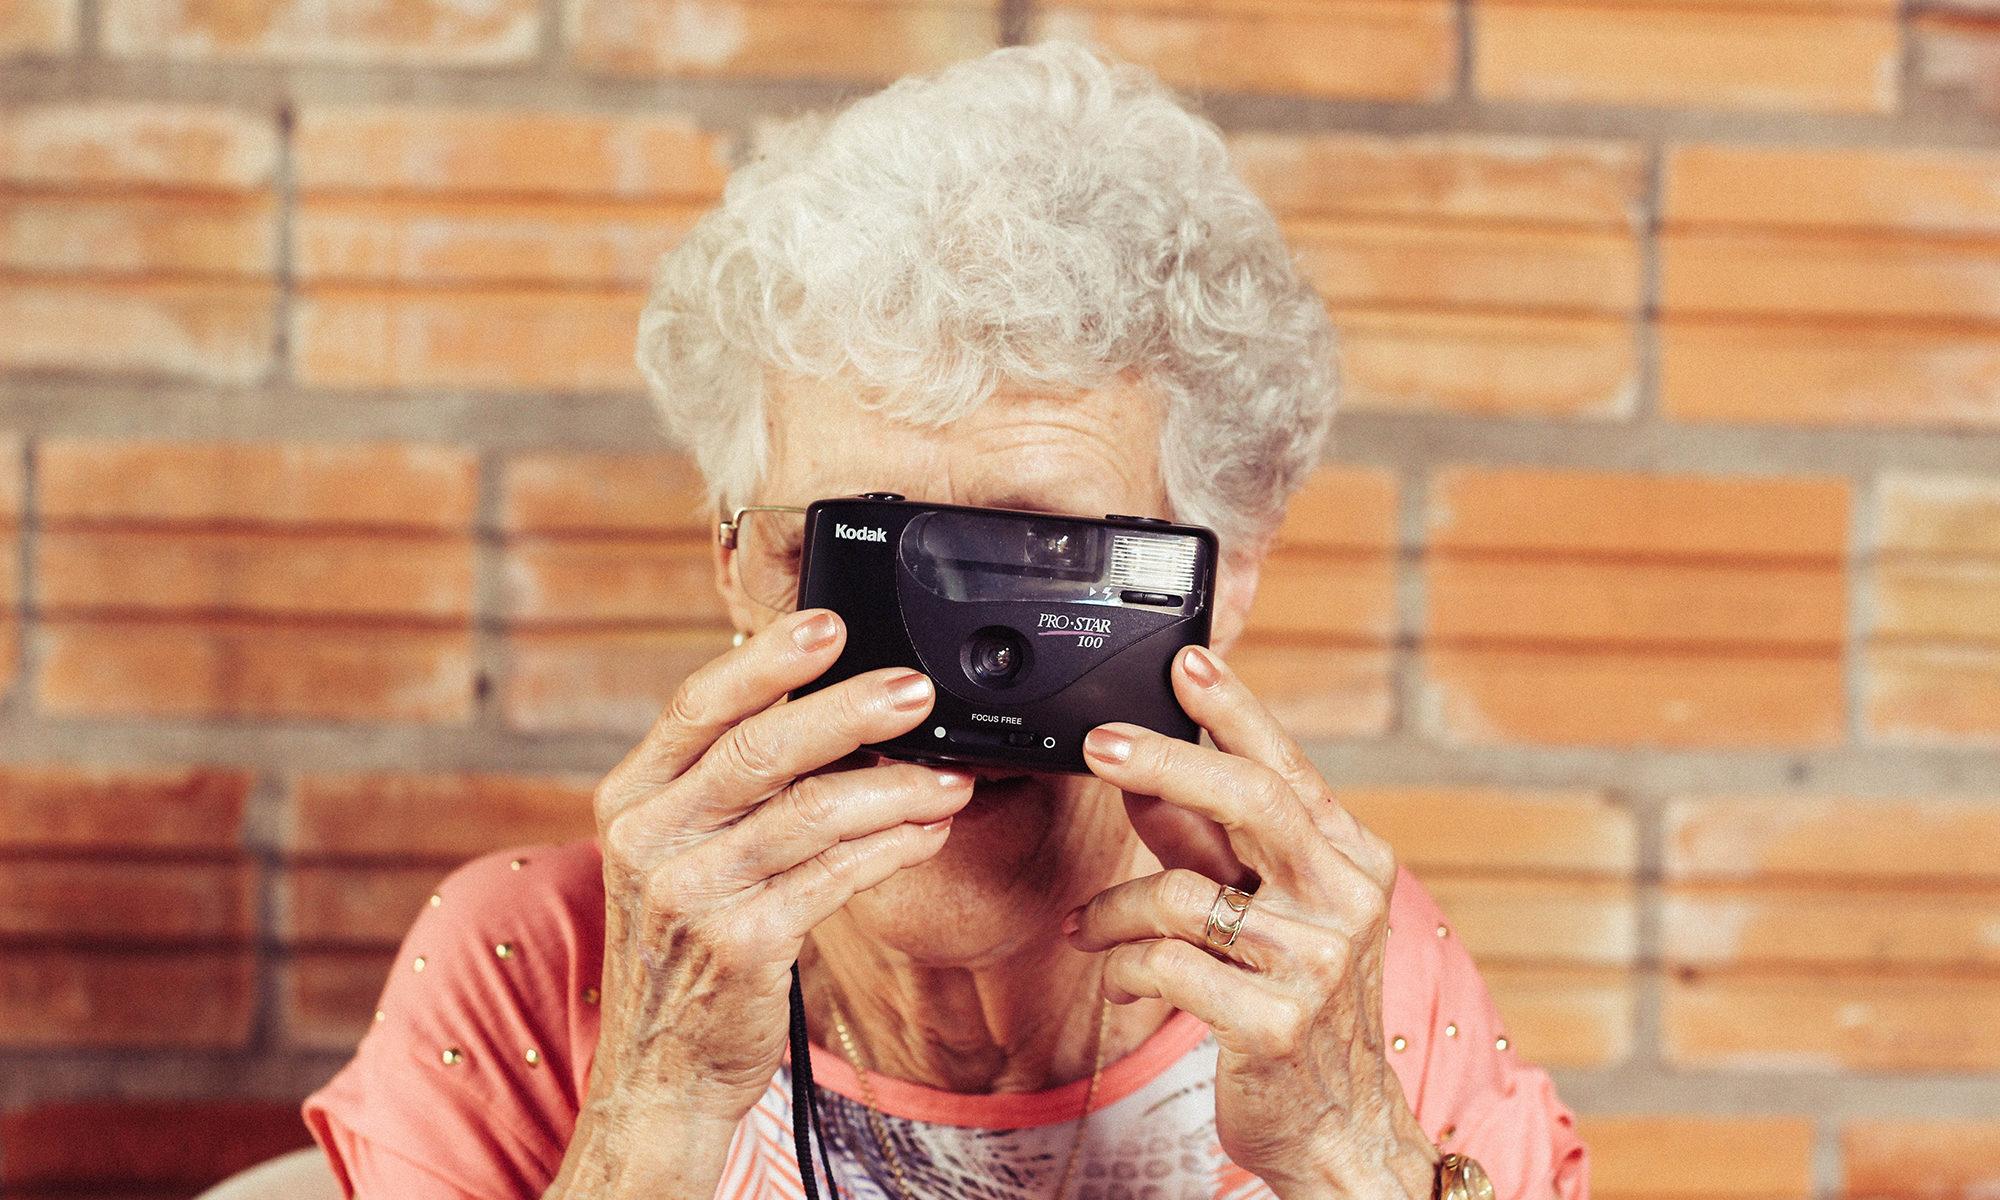 foto - nonna - donna - anziana - macchina fotografica - vintage - kodak